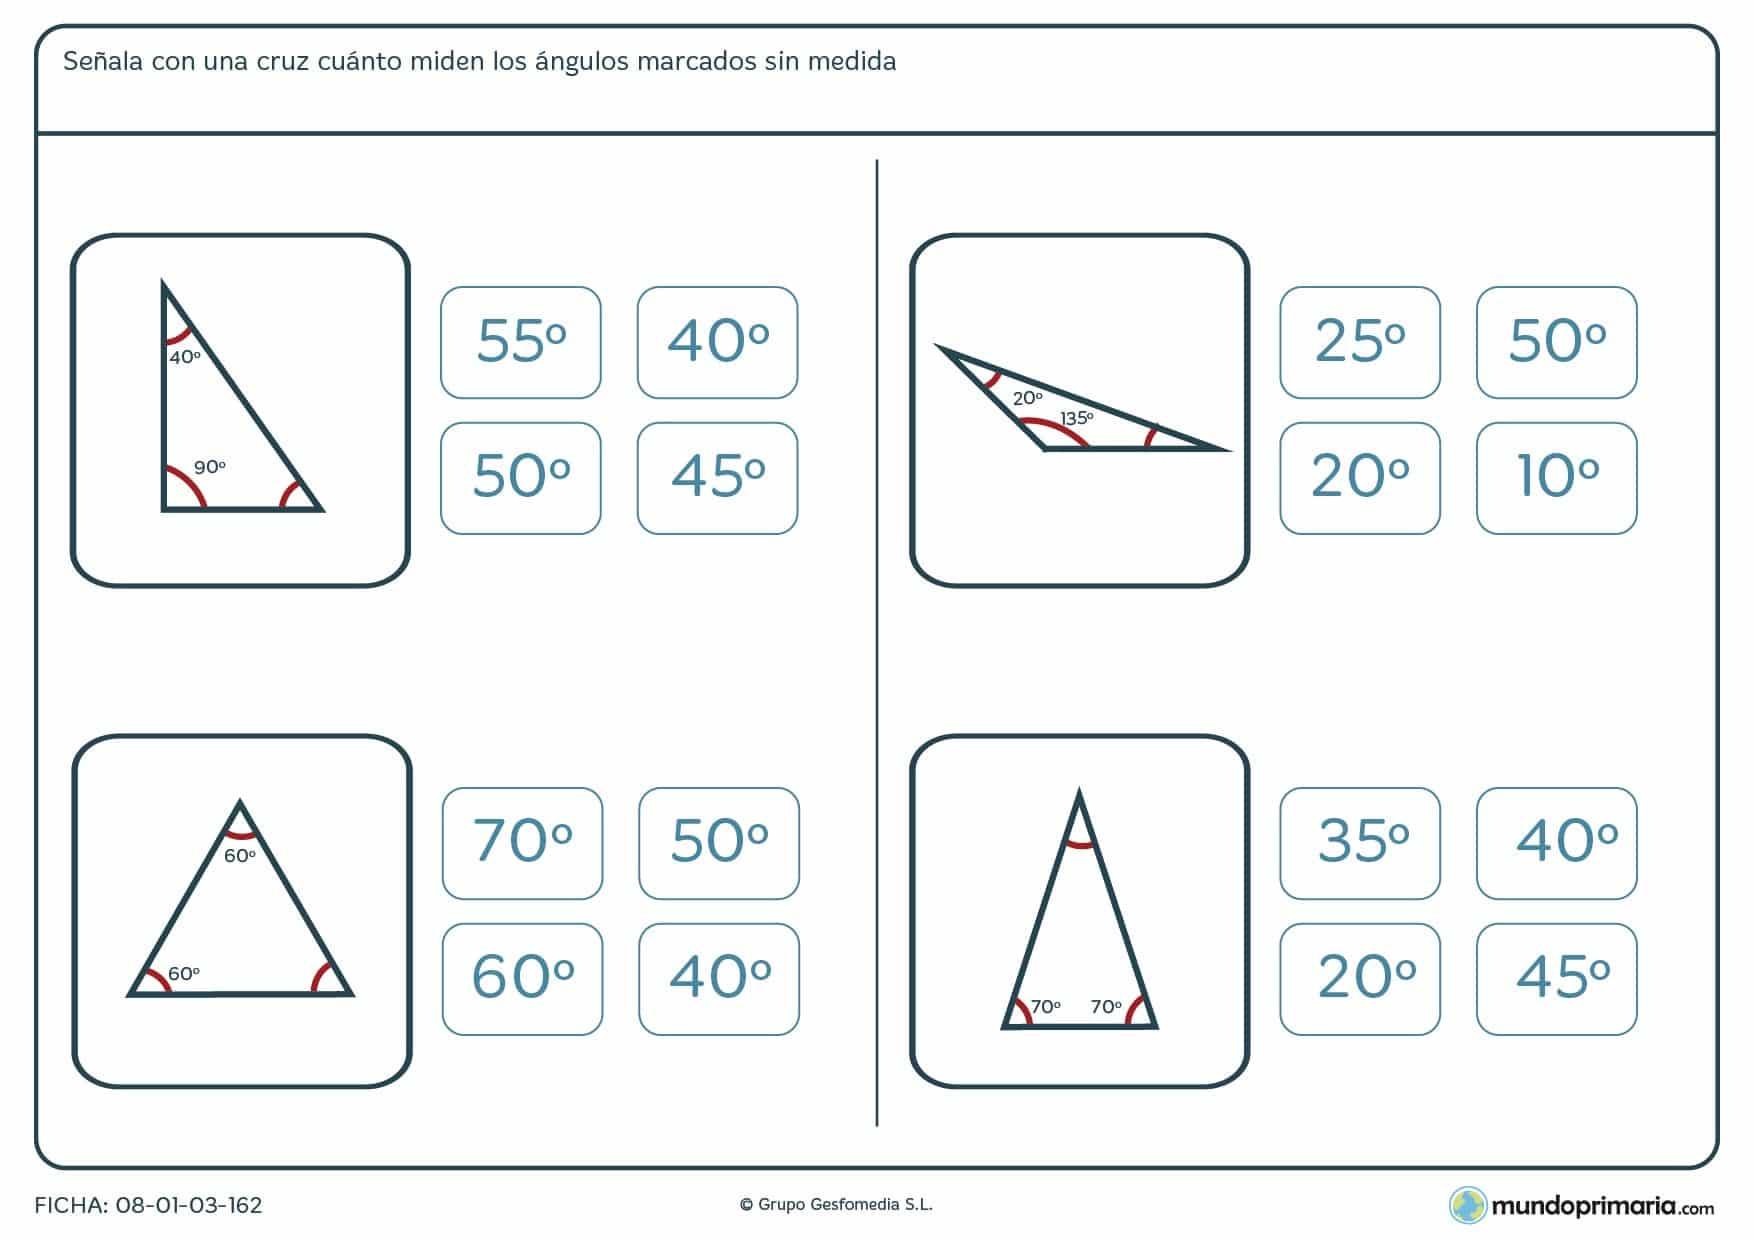 Ficha del ángulo correcto. Halla el ángulo que falta sin medida de los triángulos de las imágenes.